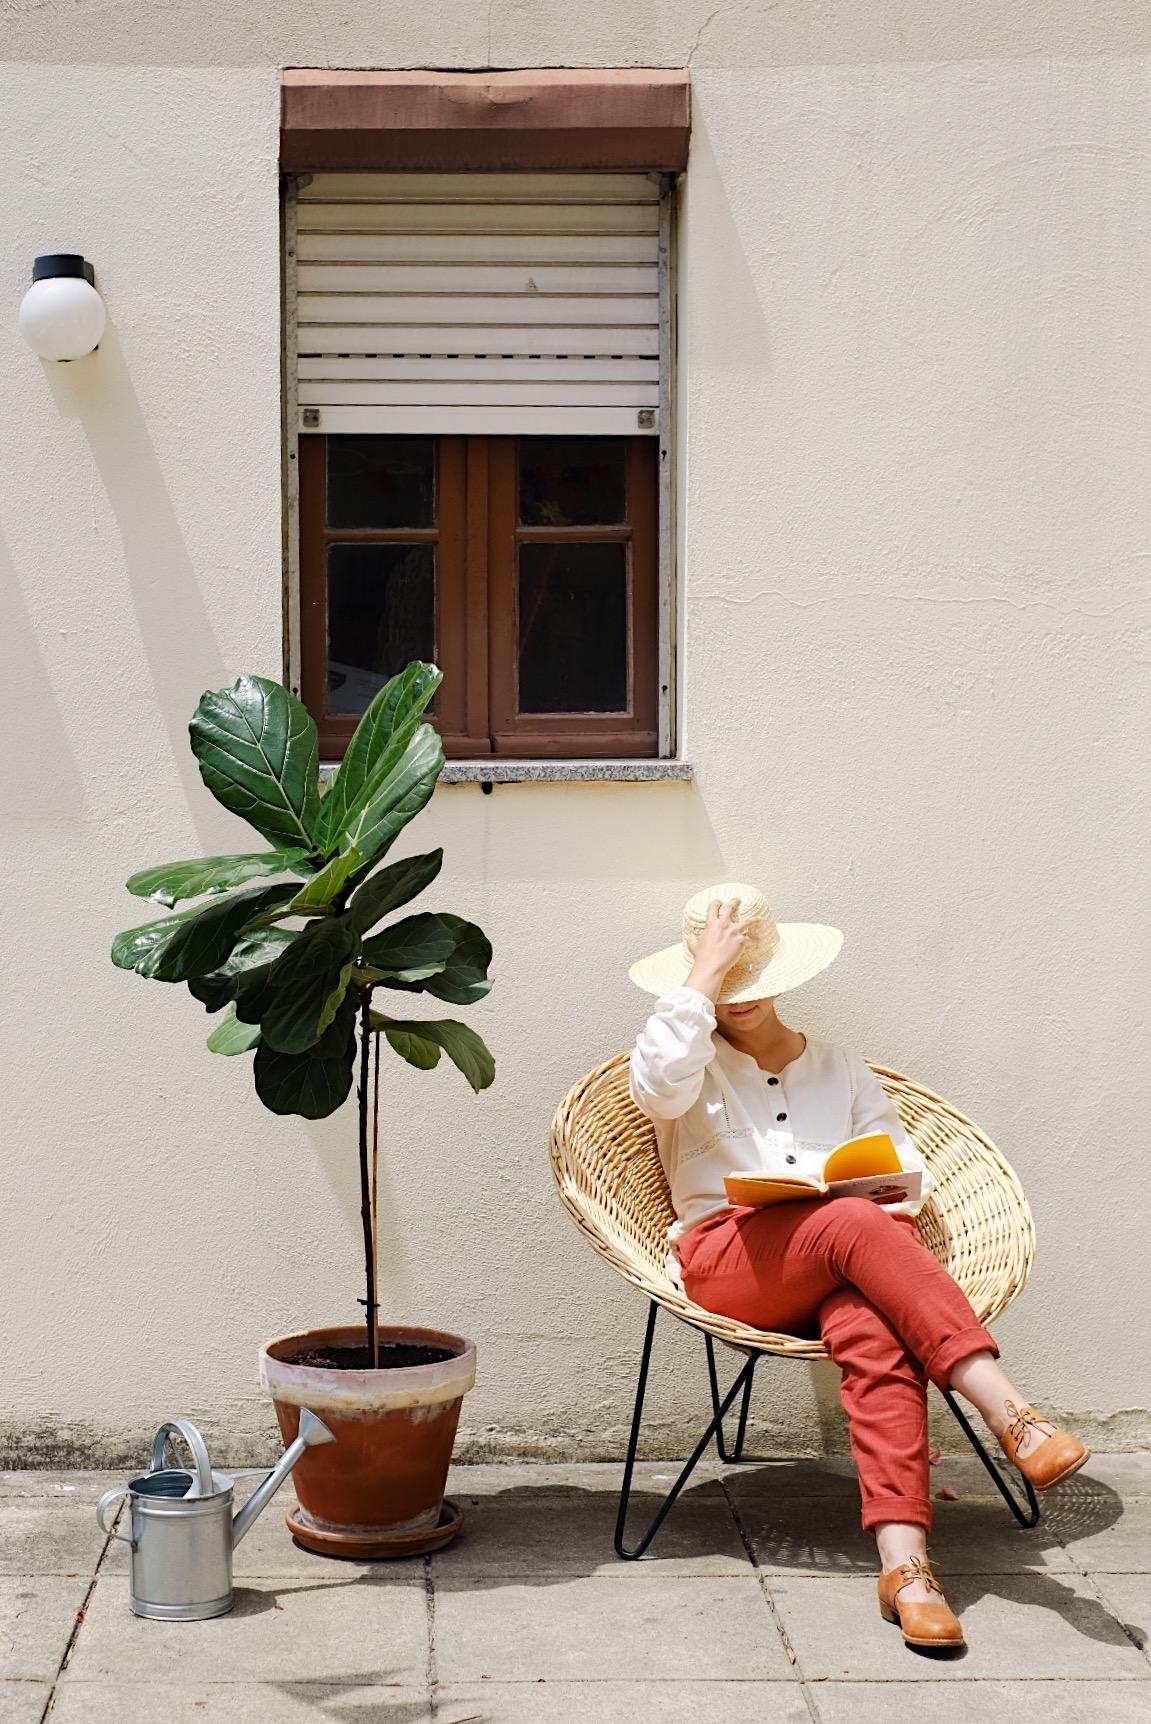 01-Casa_Formosa_Junho copy.JPG